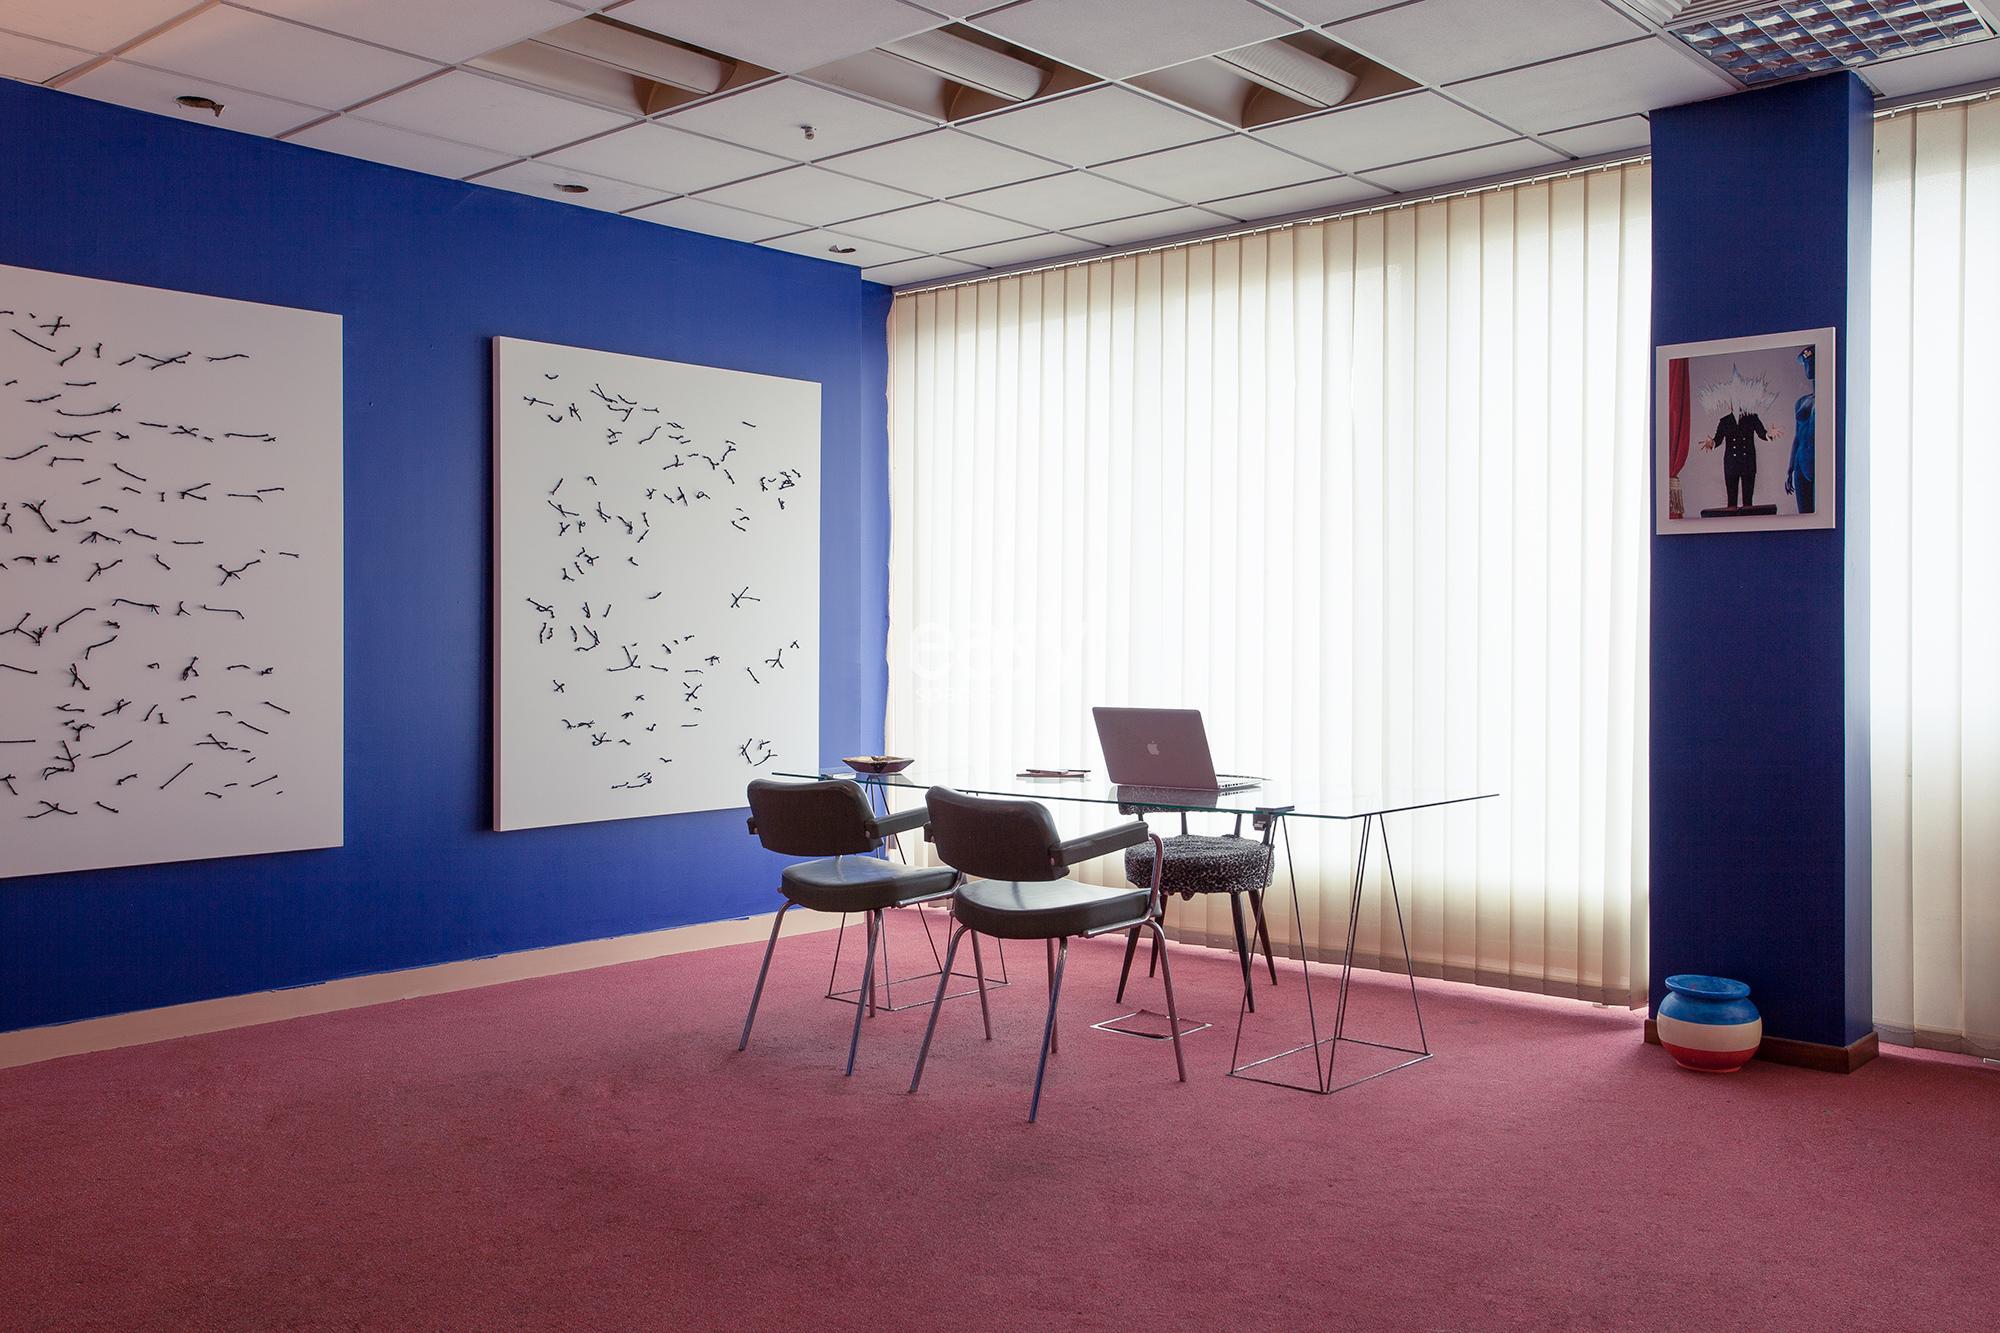 Espace atypique pour photos tournages paris lieux lieu for Location bureau atypique paris